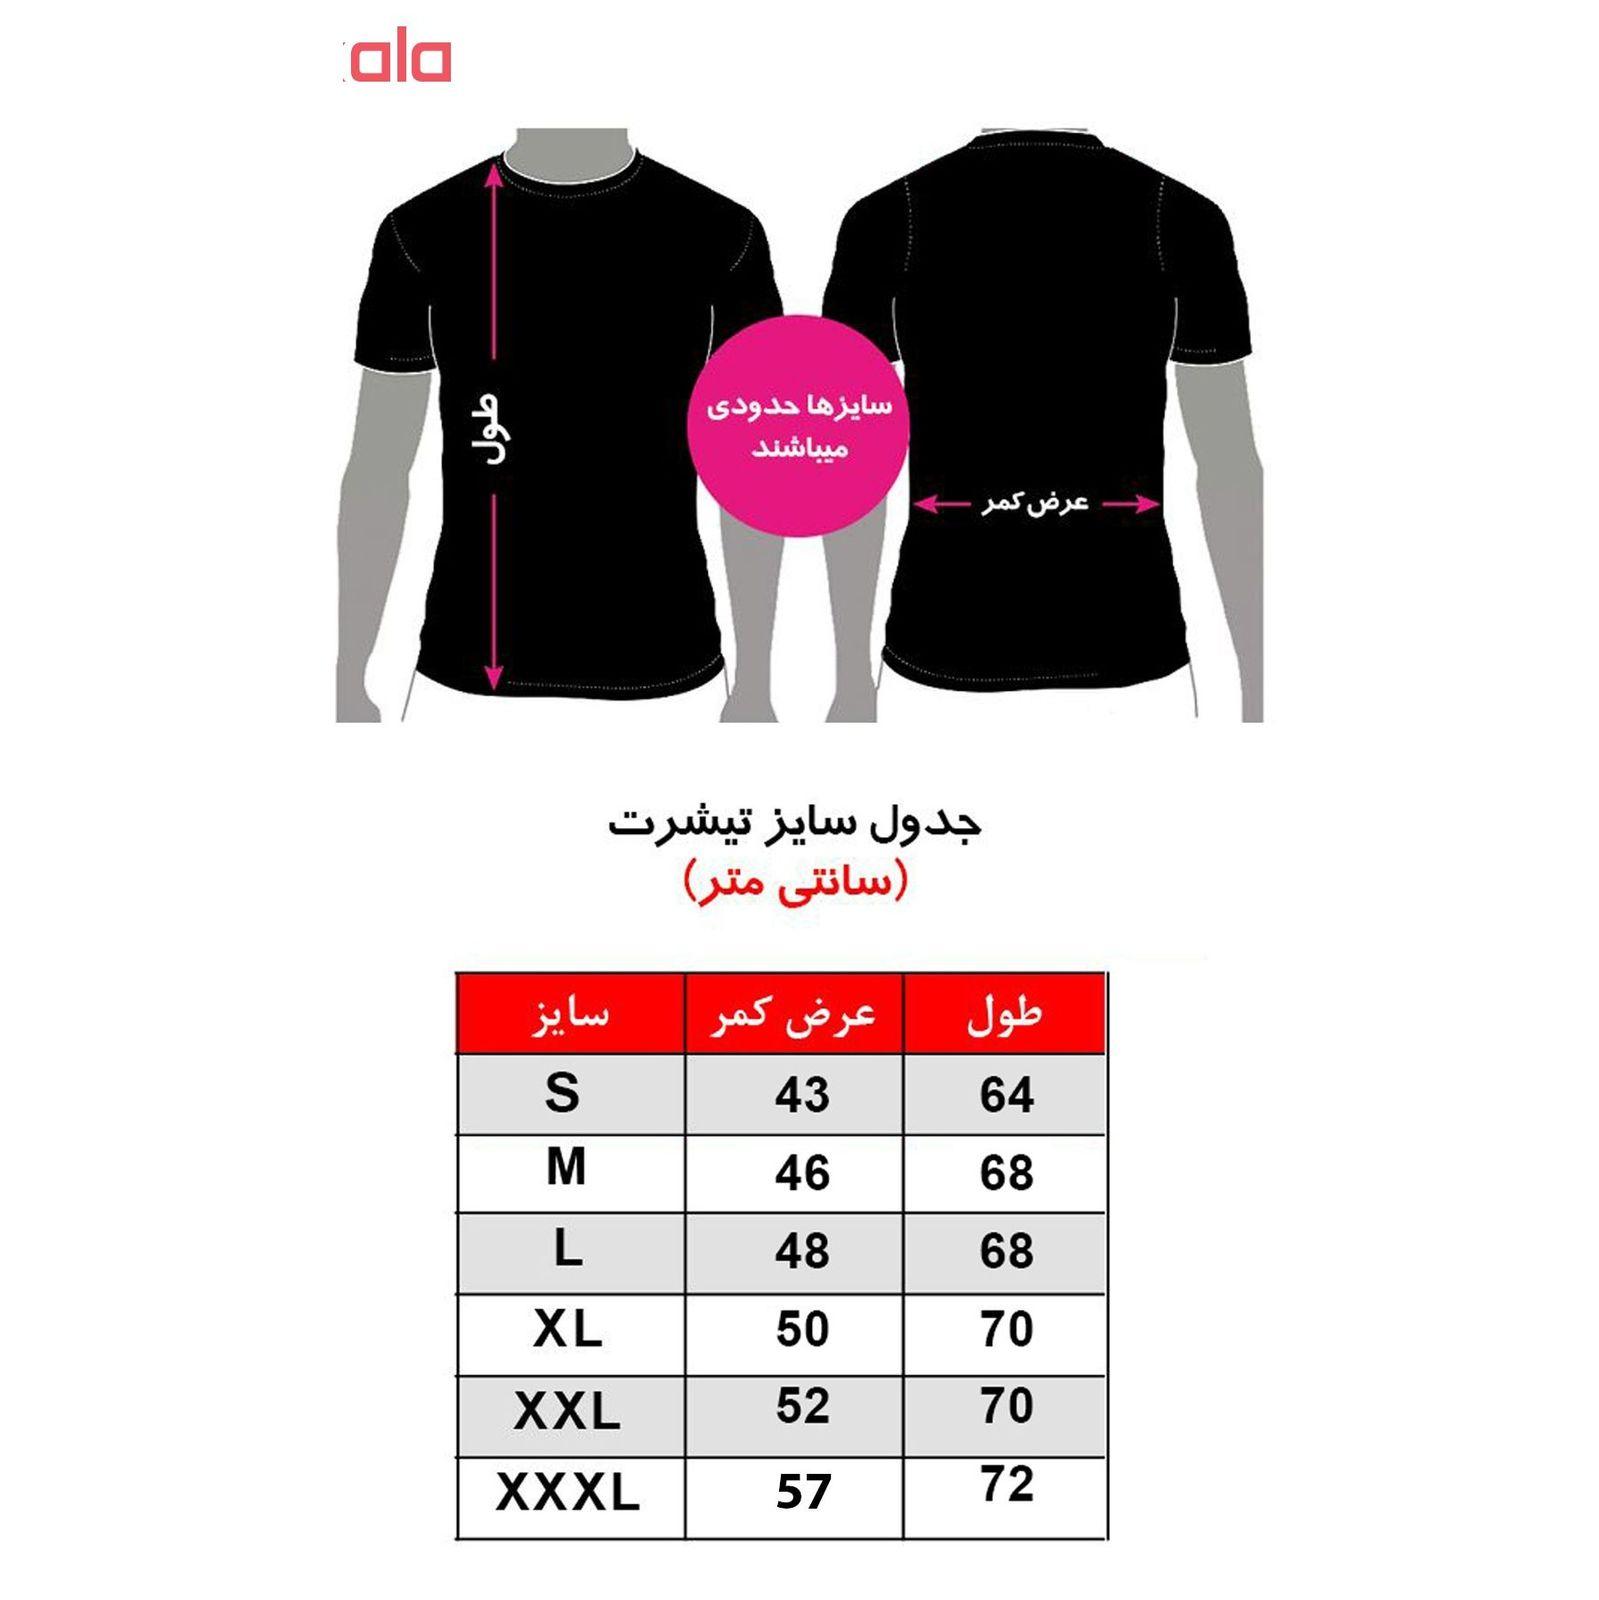 تی شرت مردانه طرح پیکی بلایندرز کد 34337 main 1 2